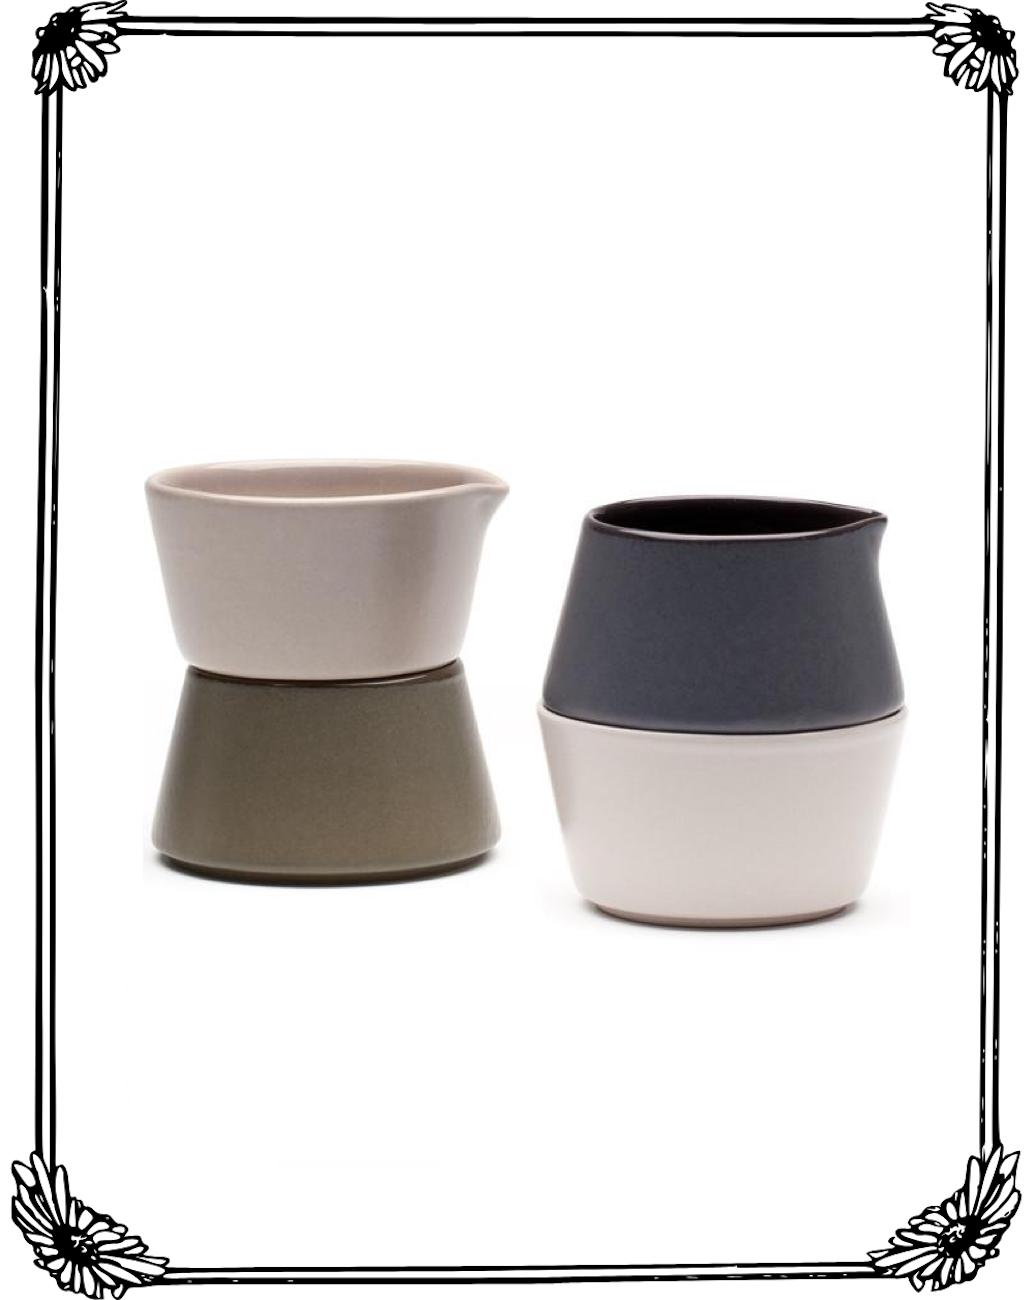 teroforma-pinch-pour-bowls.png